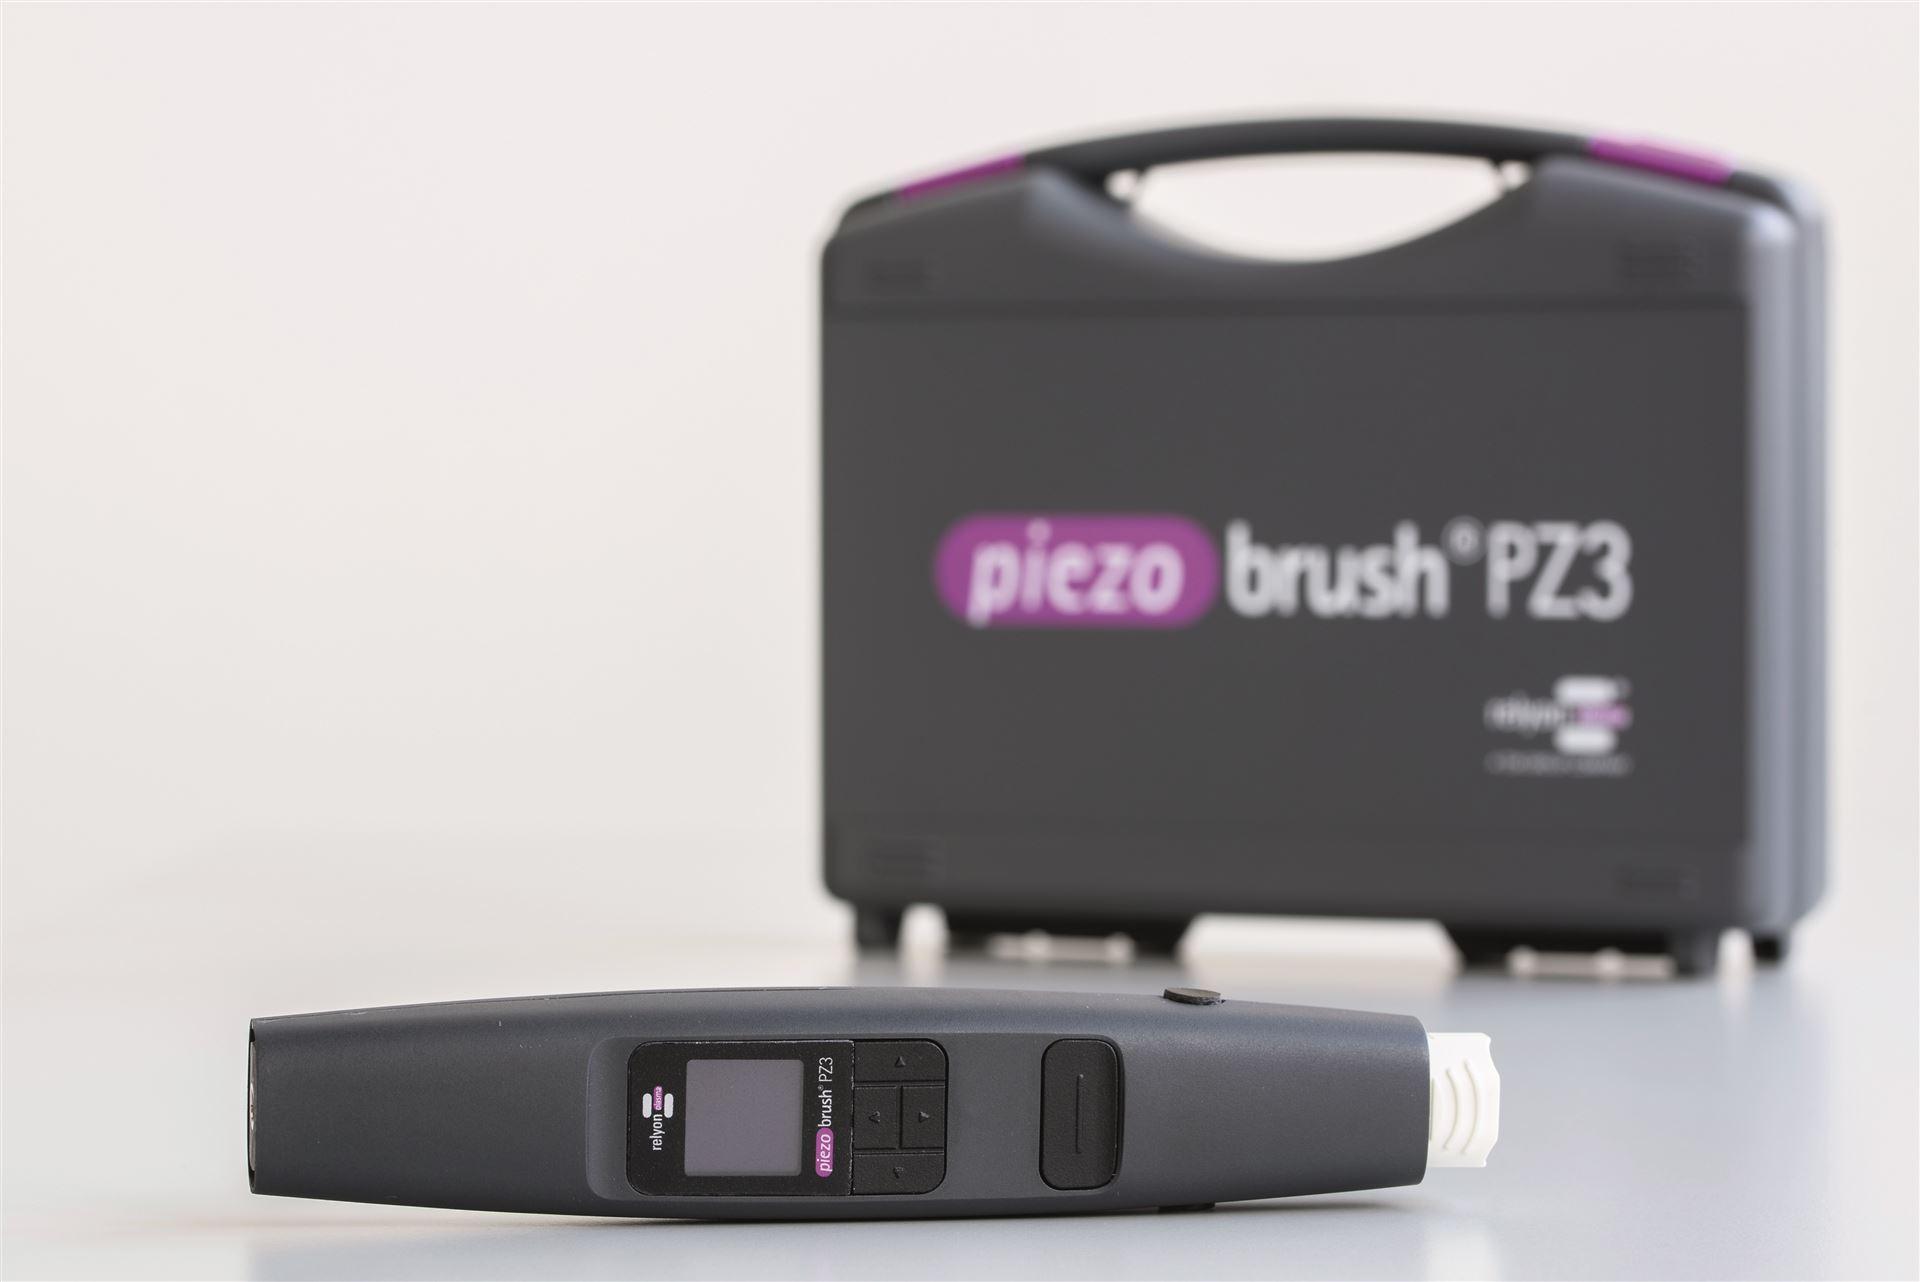 piezobrush® PZ3 - Effektives Plasma-Handgerät für den manuellen Gebrauch